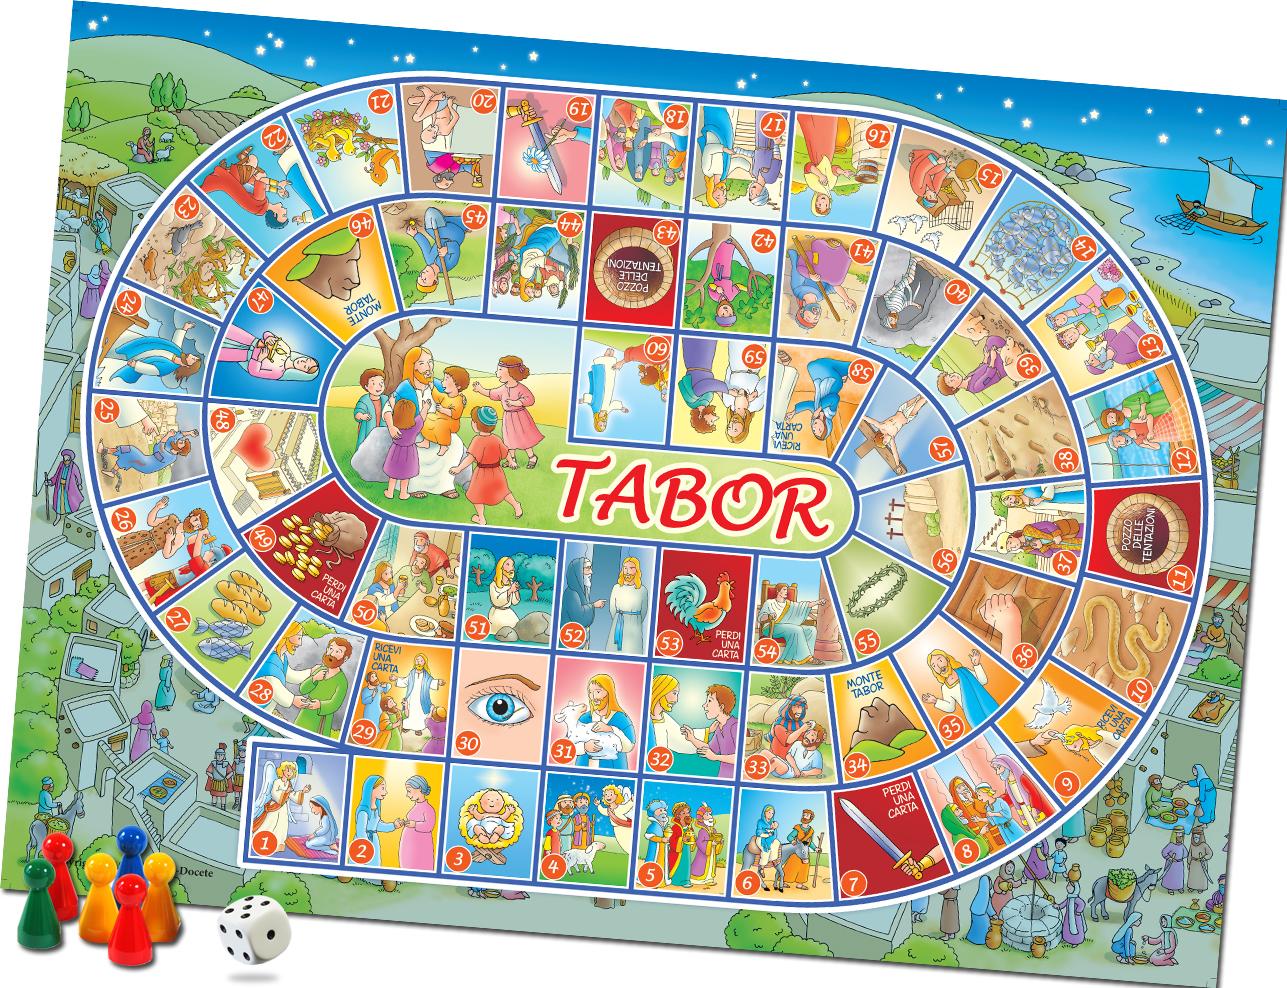 Tabor gioco casa editrice mimep docete - Giocare giochi da colorare gratis ...